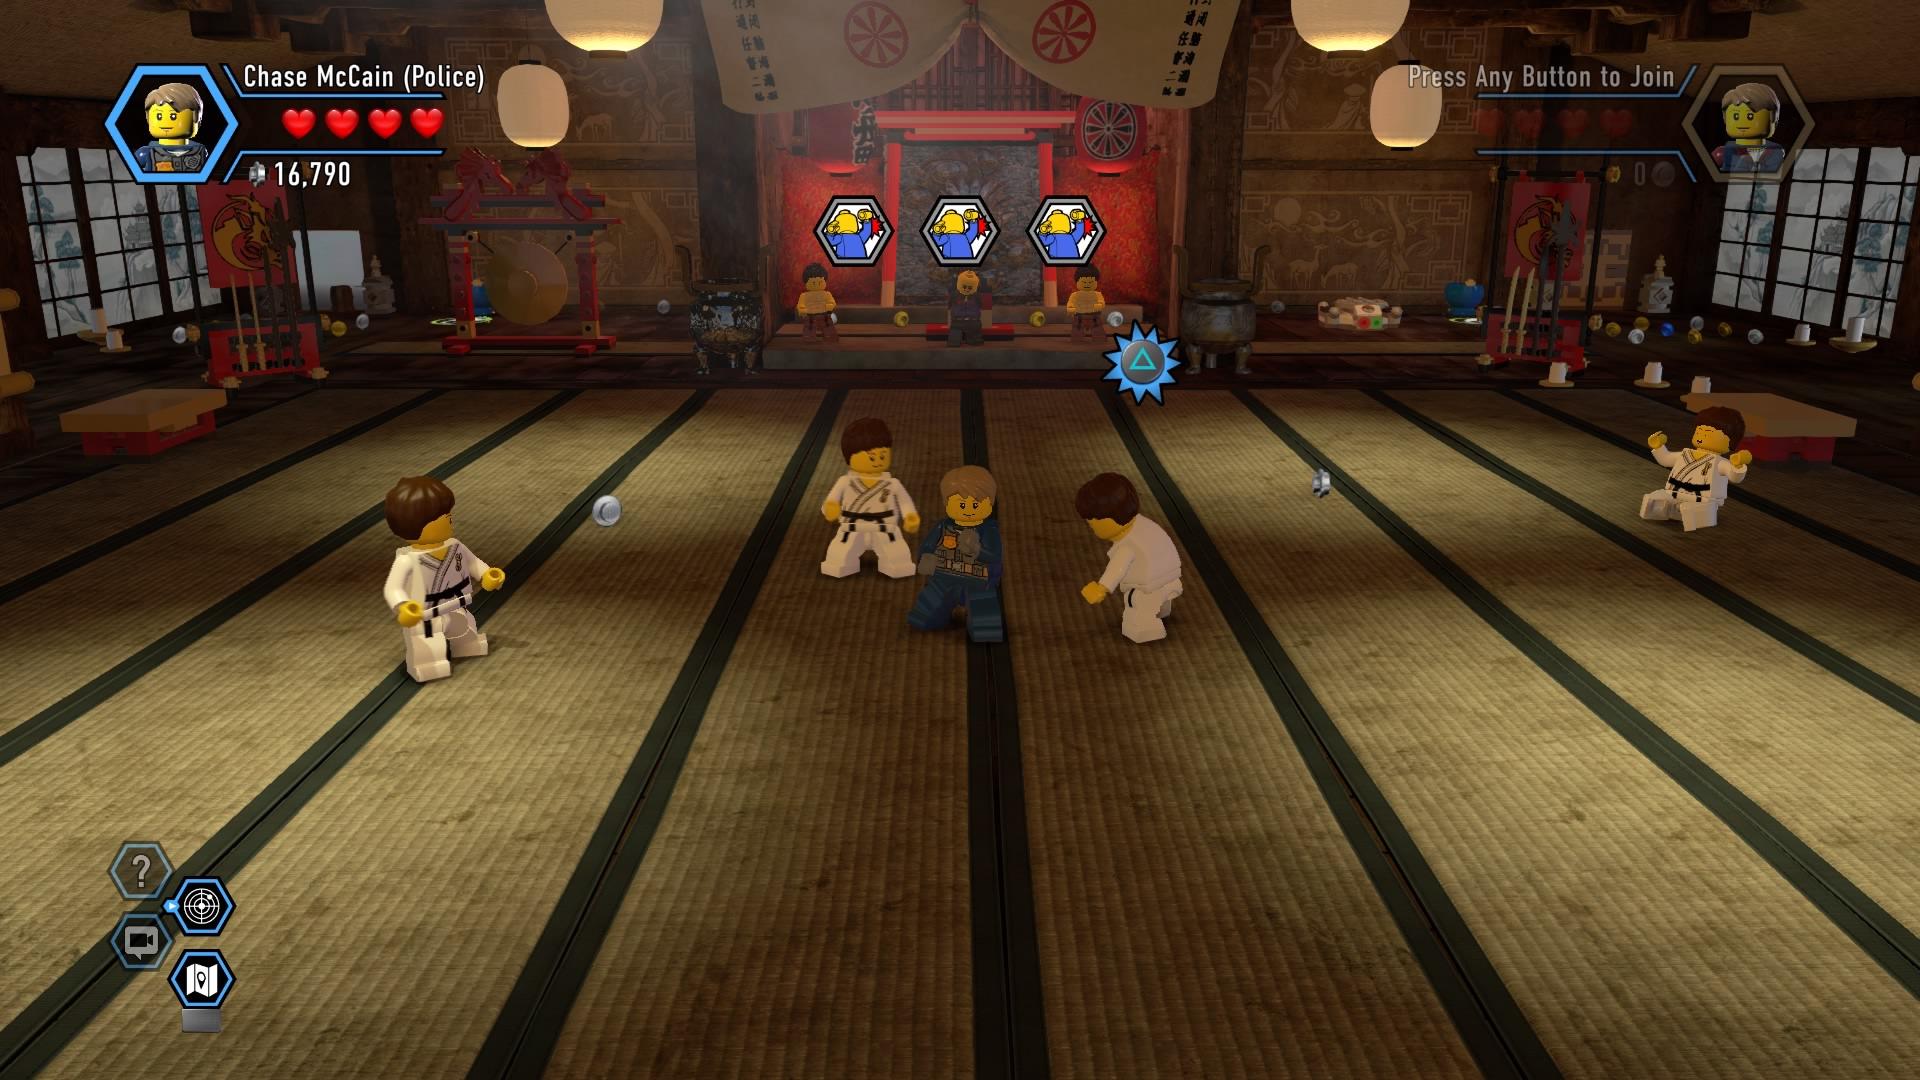 Lego City Undercover Walkthrough Chapter 4 Guide Barrys Dojo